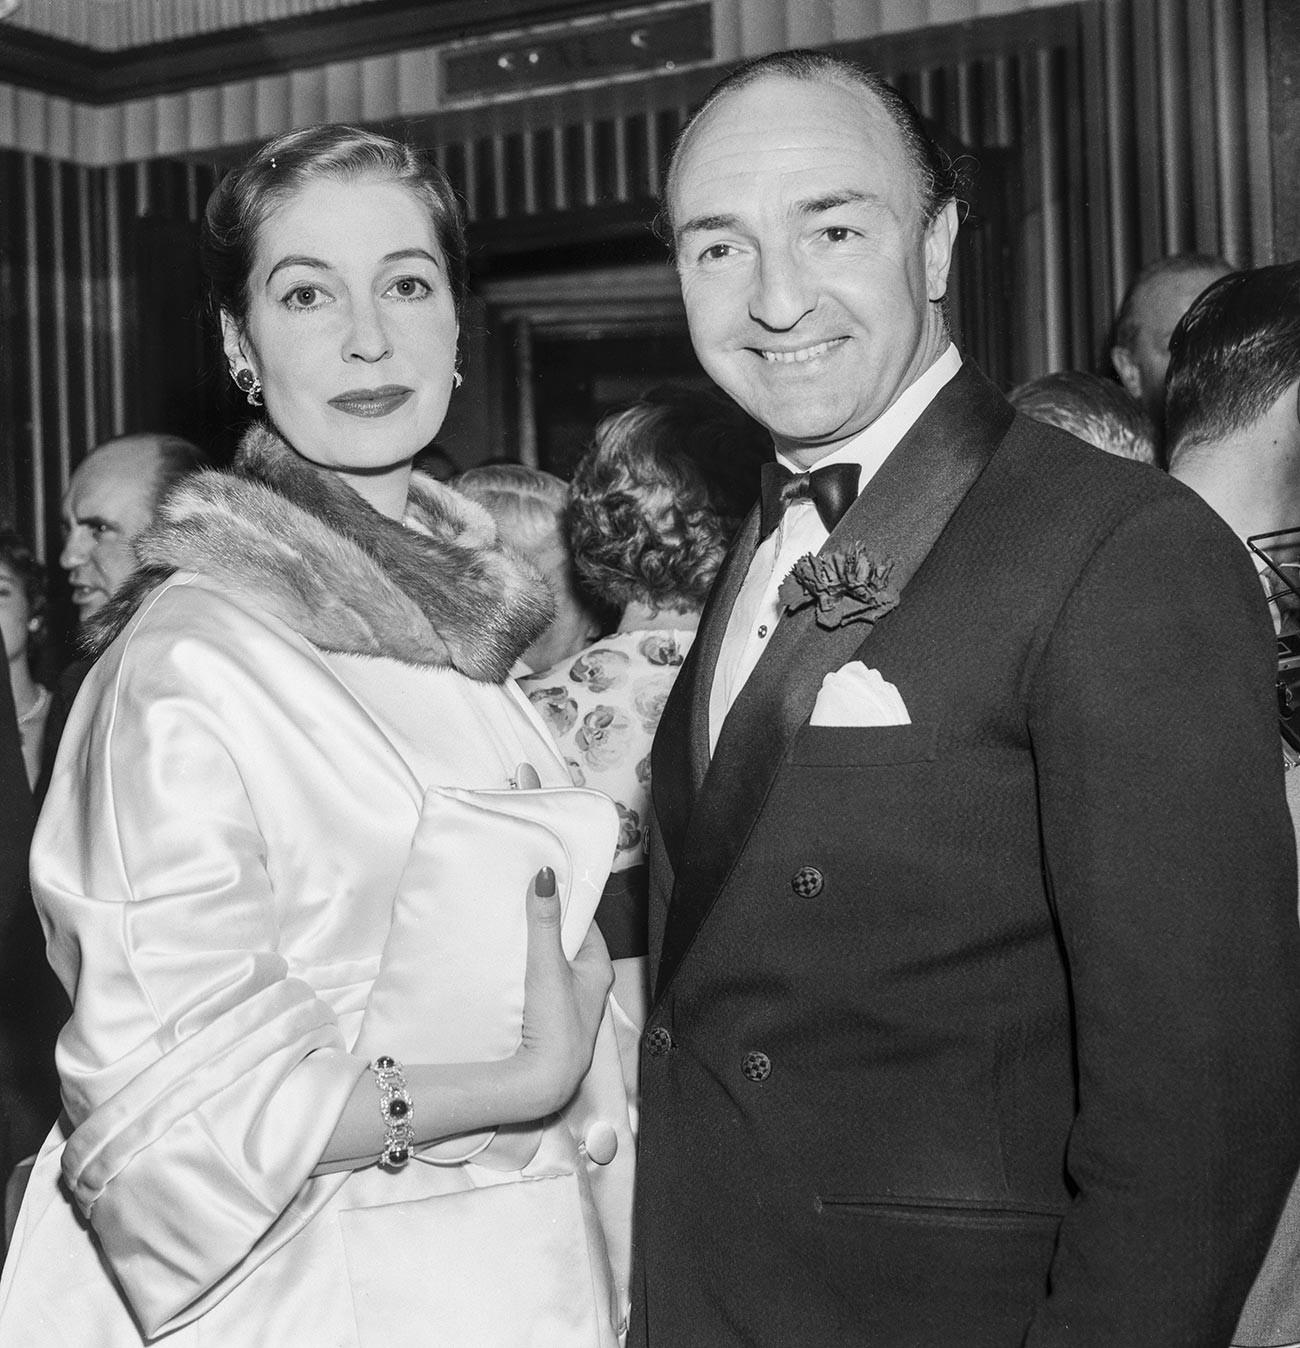 Валери Хобсон са мужем Џоном Профумом.